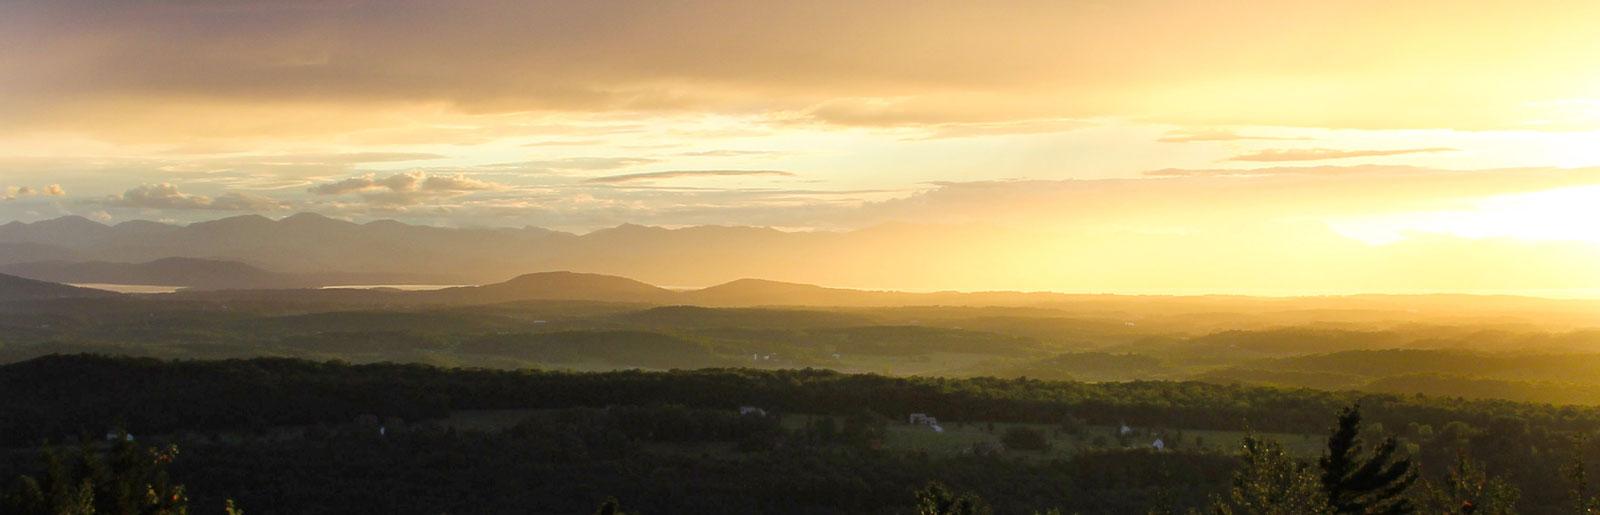 Scenic Vermont View